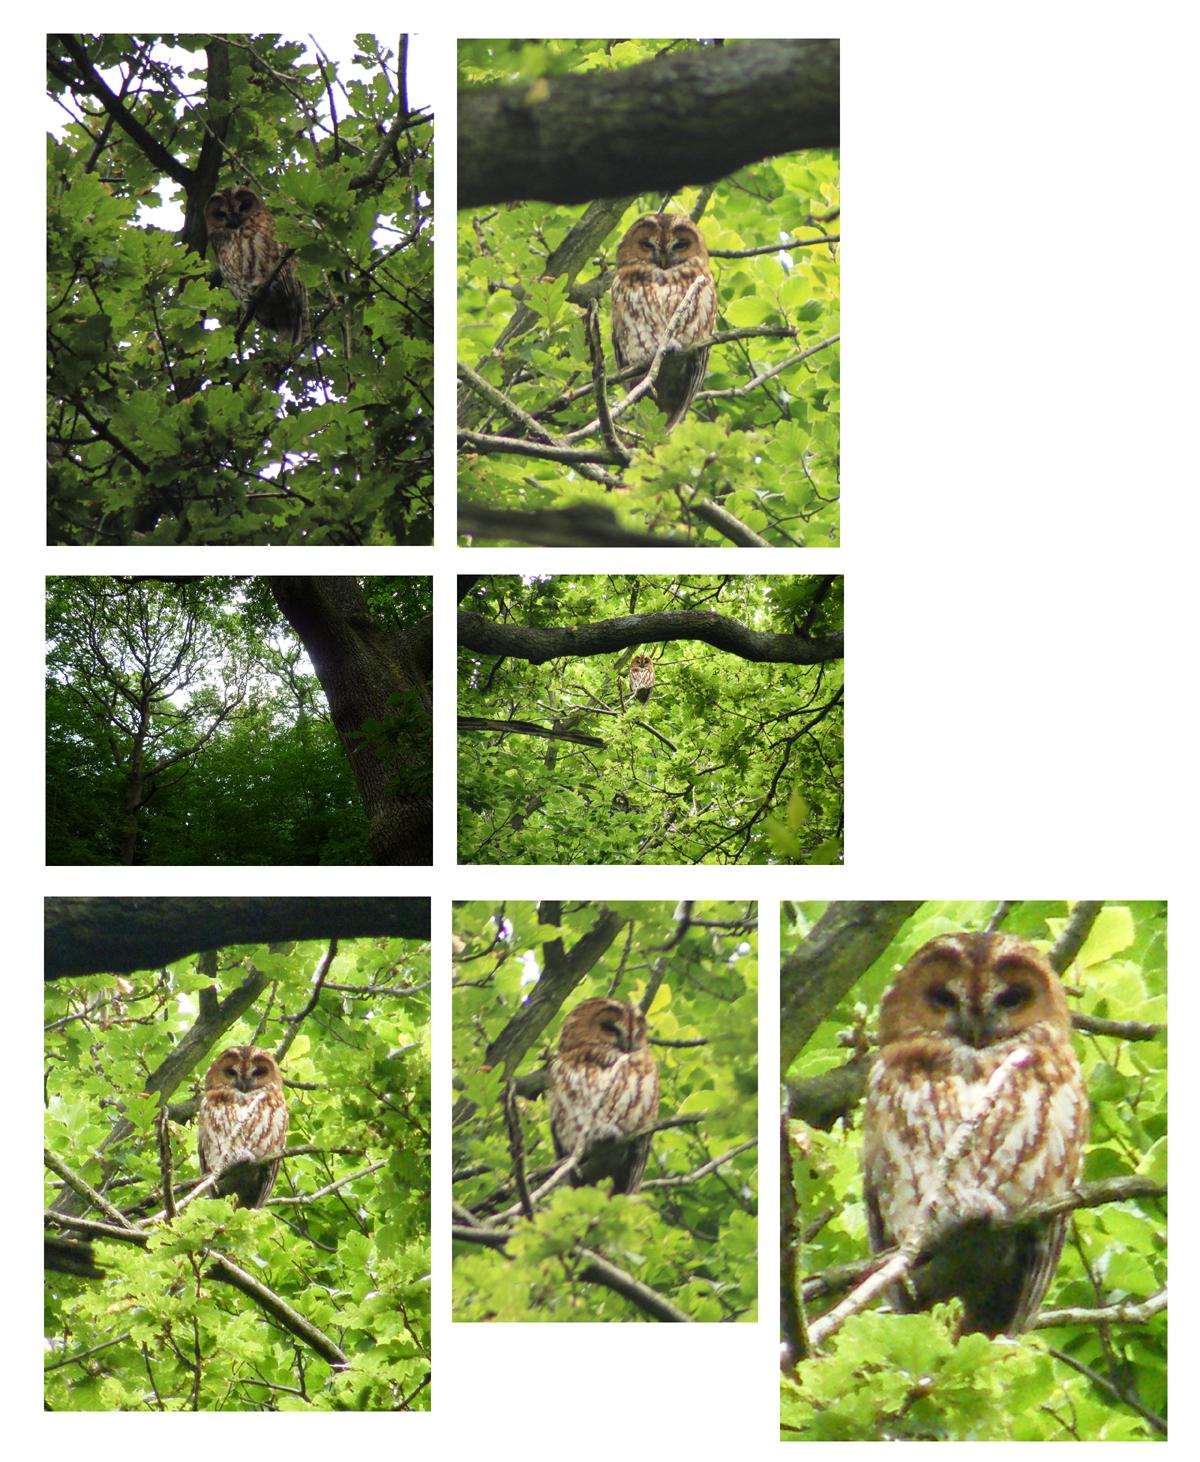 Owl pics june18th 2010